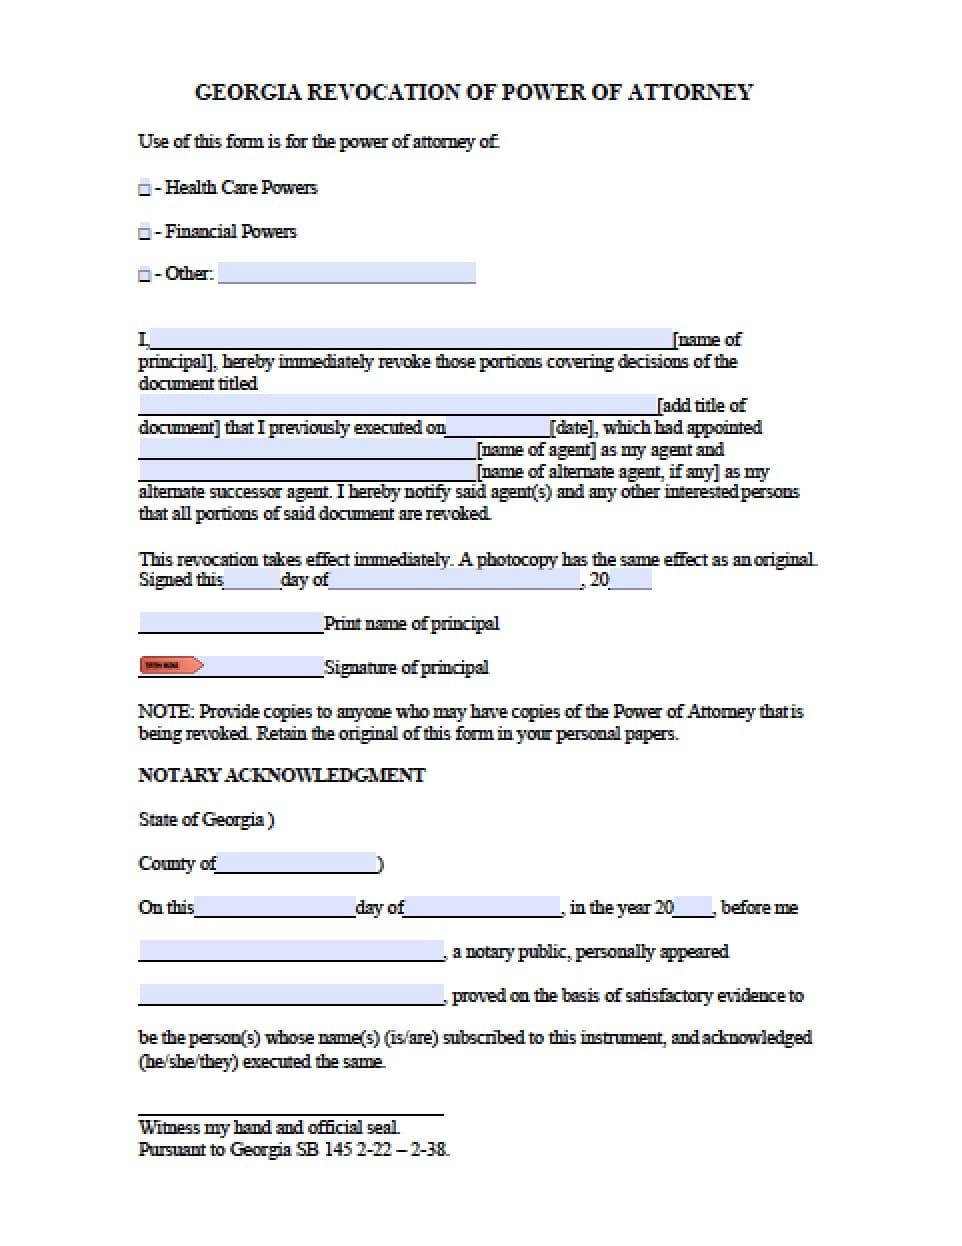 georgia revocation power of attorney form